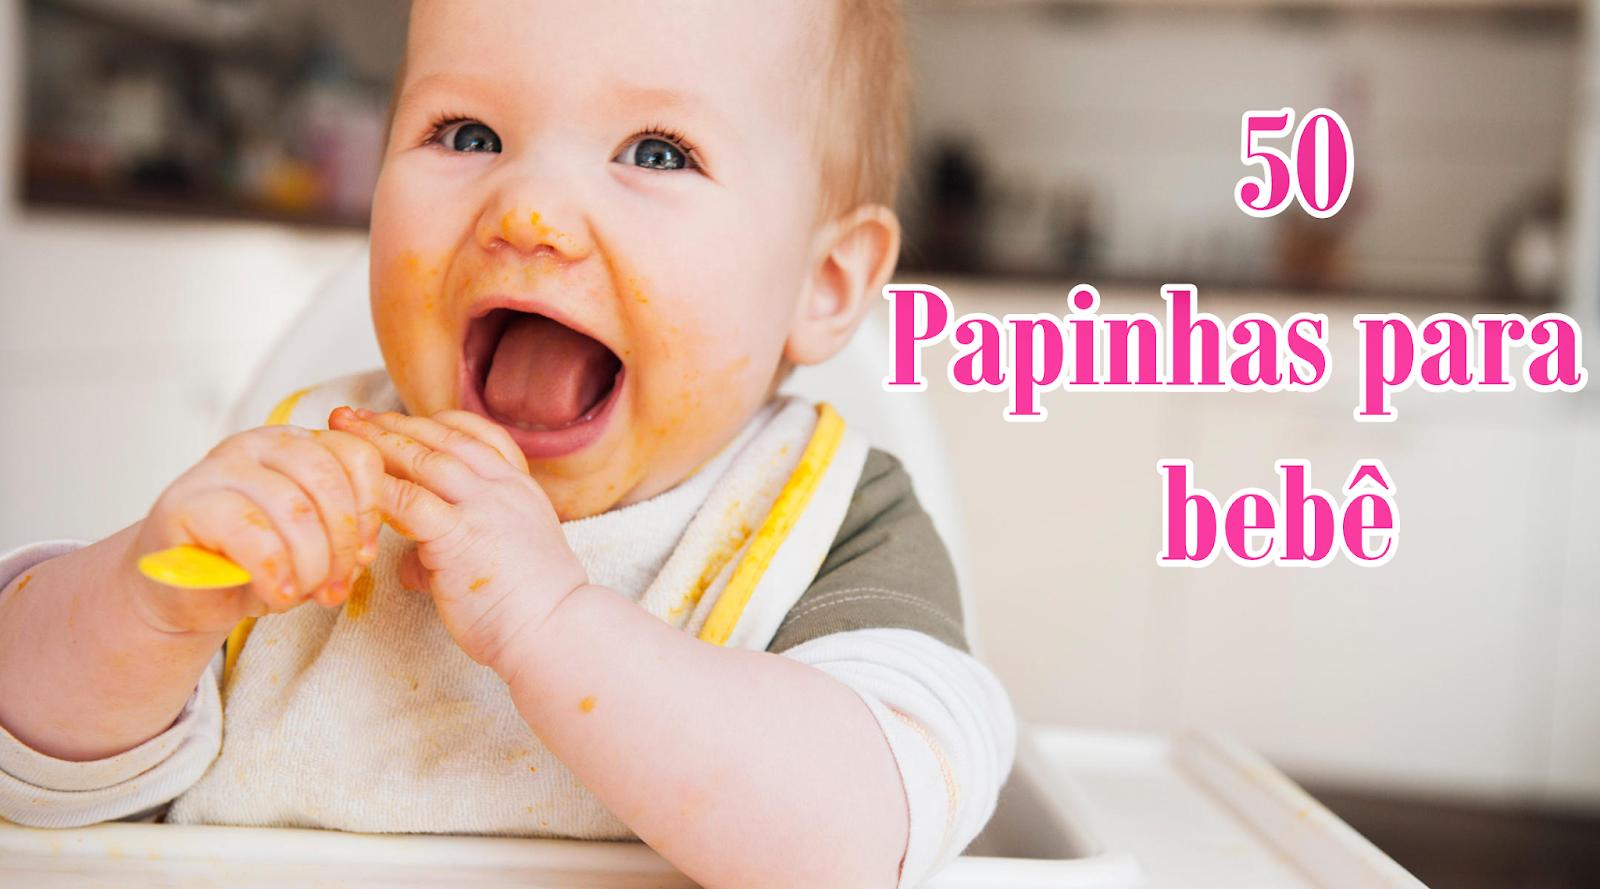 50 papinhas para bebê-alimentação-maternidade-comida-bebê-amor-gestação-bebê